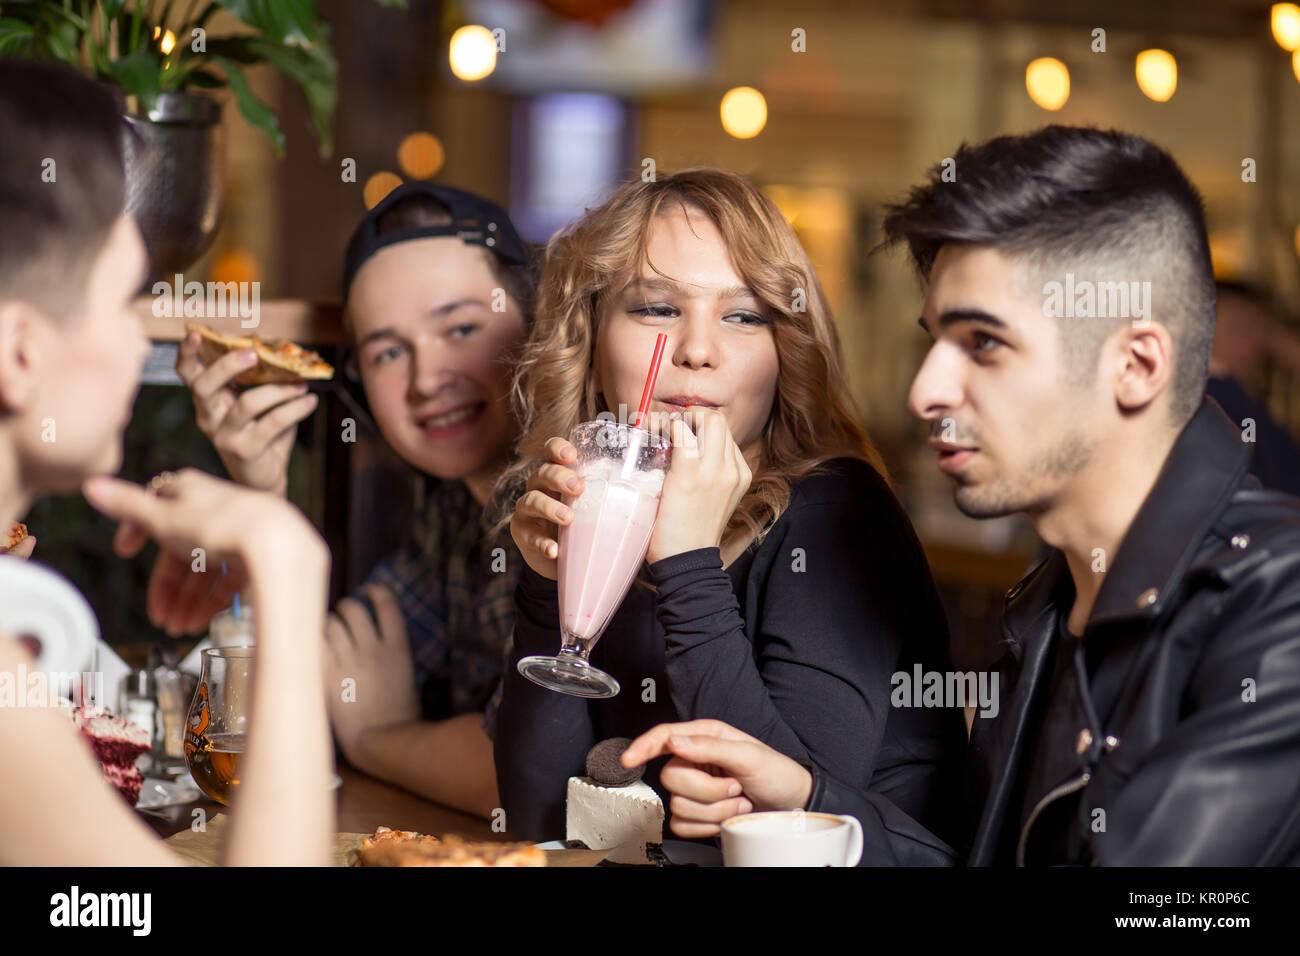 Junge Frau trinkt Milkshakes beim Sitzen mit Freunden im Cafe Stockbild